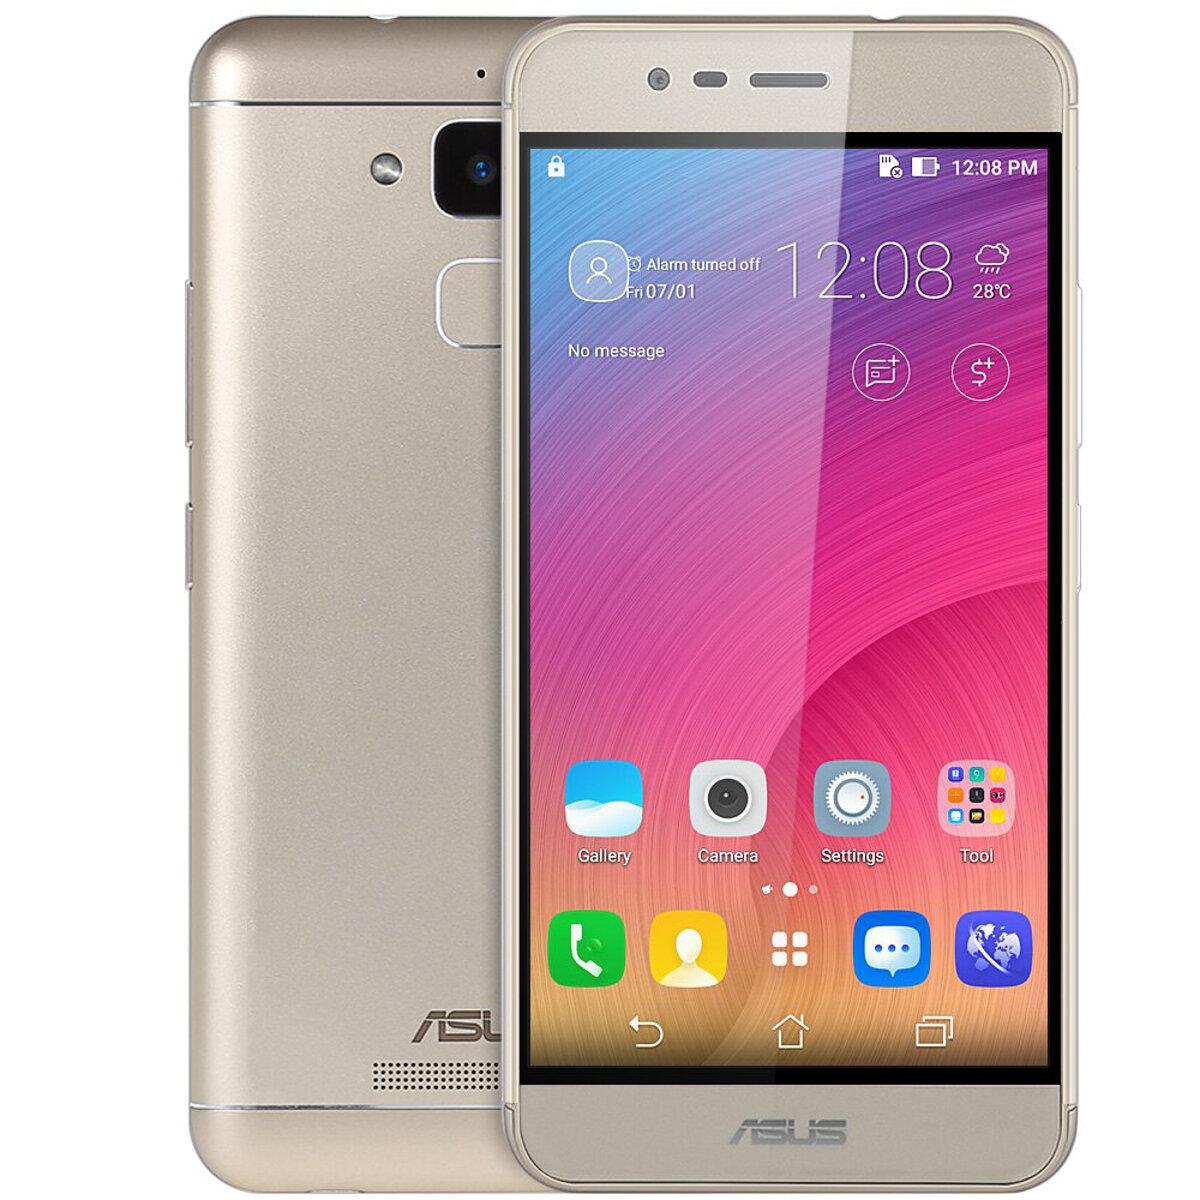 Asus Zenfone Pegasus 3 X008 52 Inch 3gb Ram 32gb Rom Mt6737 Quad Core 4g Smartphone